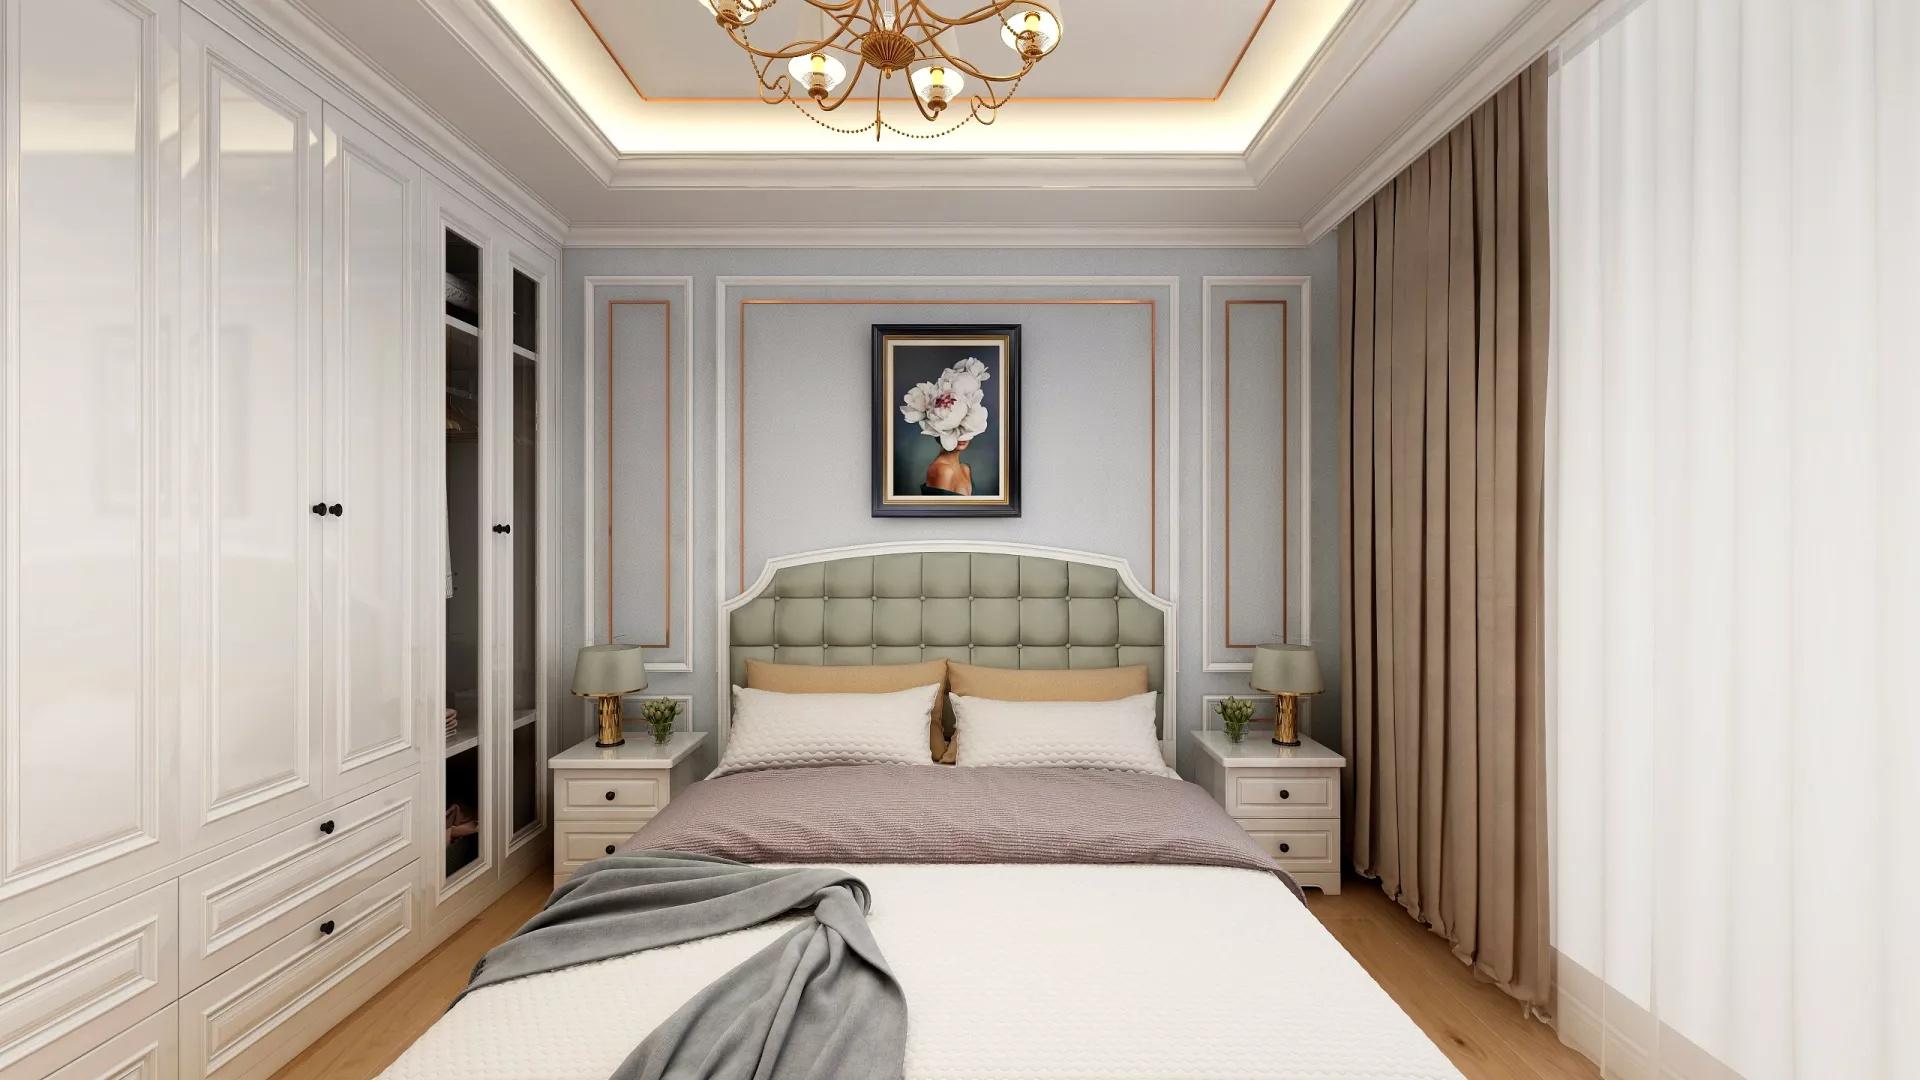 美式复古田园风沙发背景墙卧室卫生间装修效果图